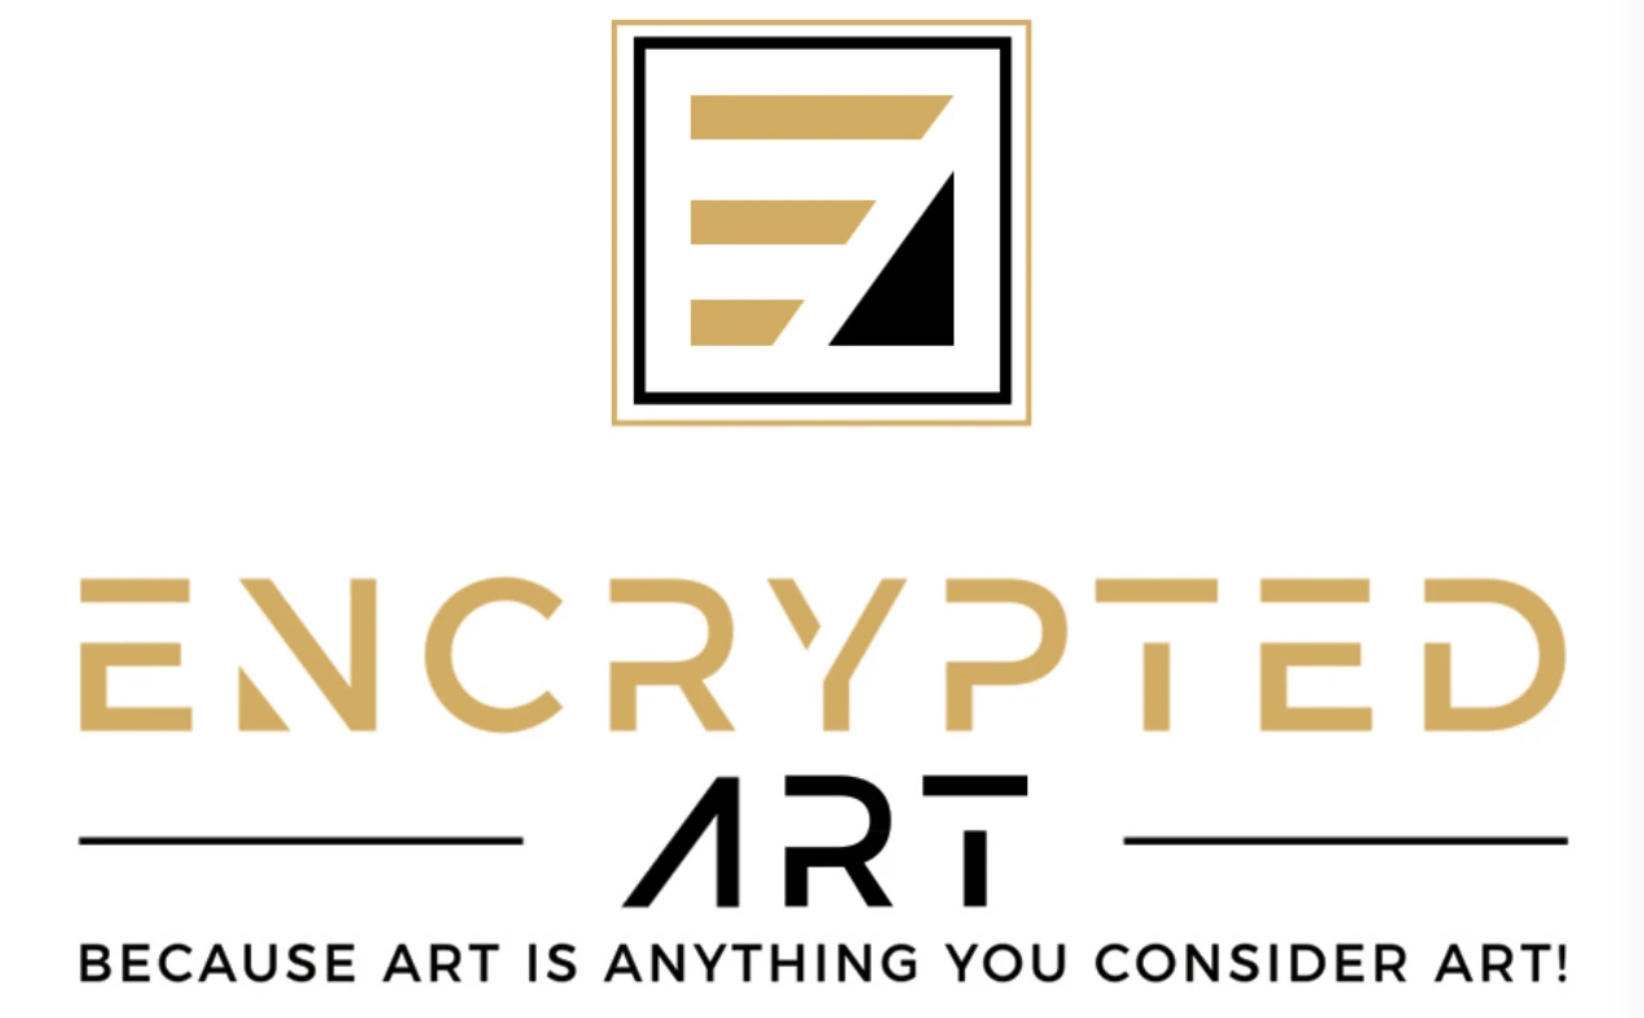 The winning logo for a digital frame brand